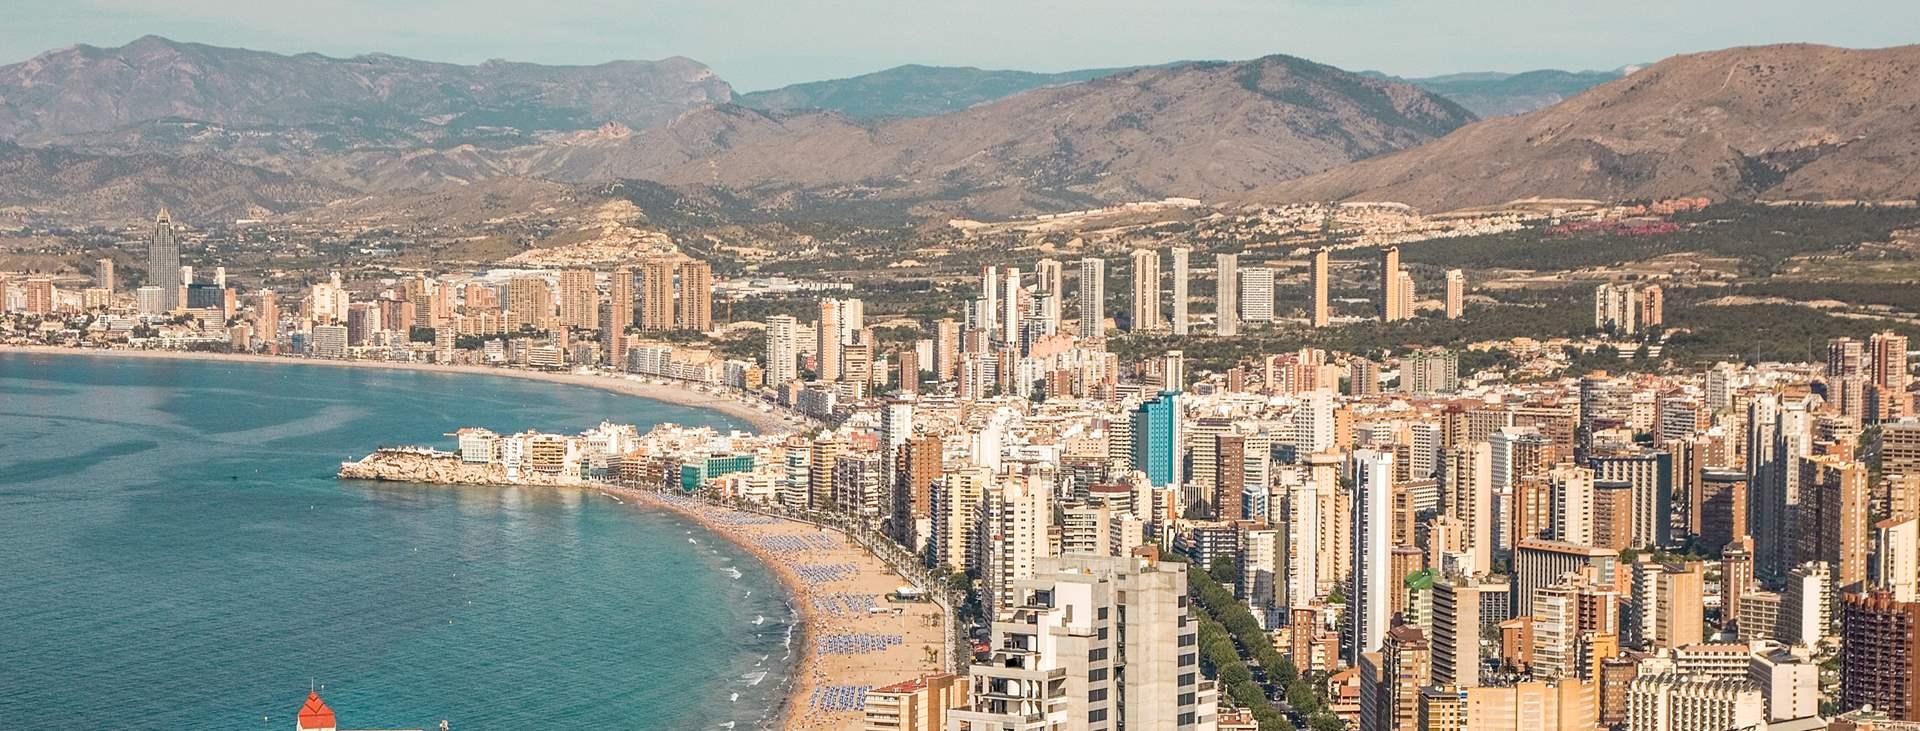 Resor till Costa Blanca i Spanien